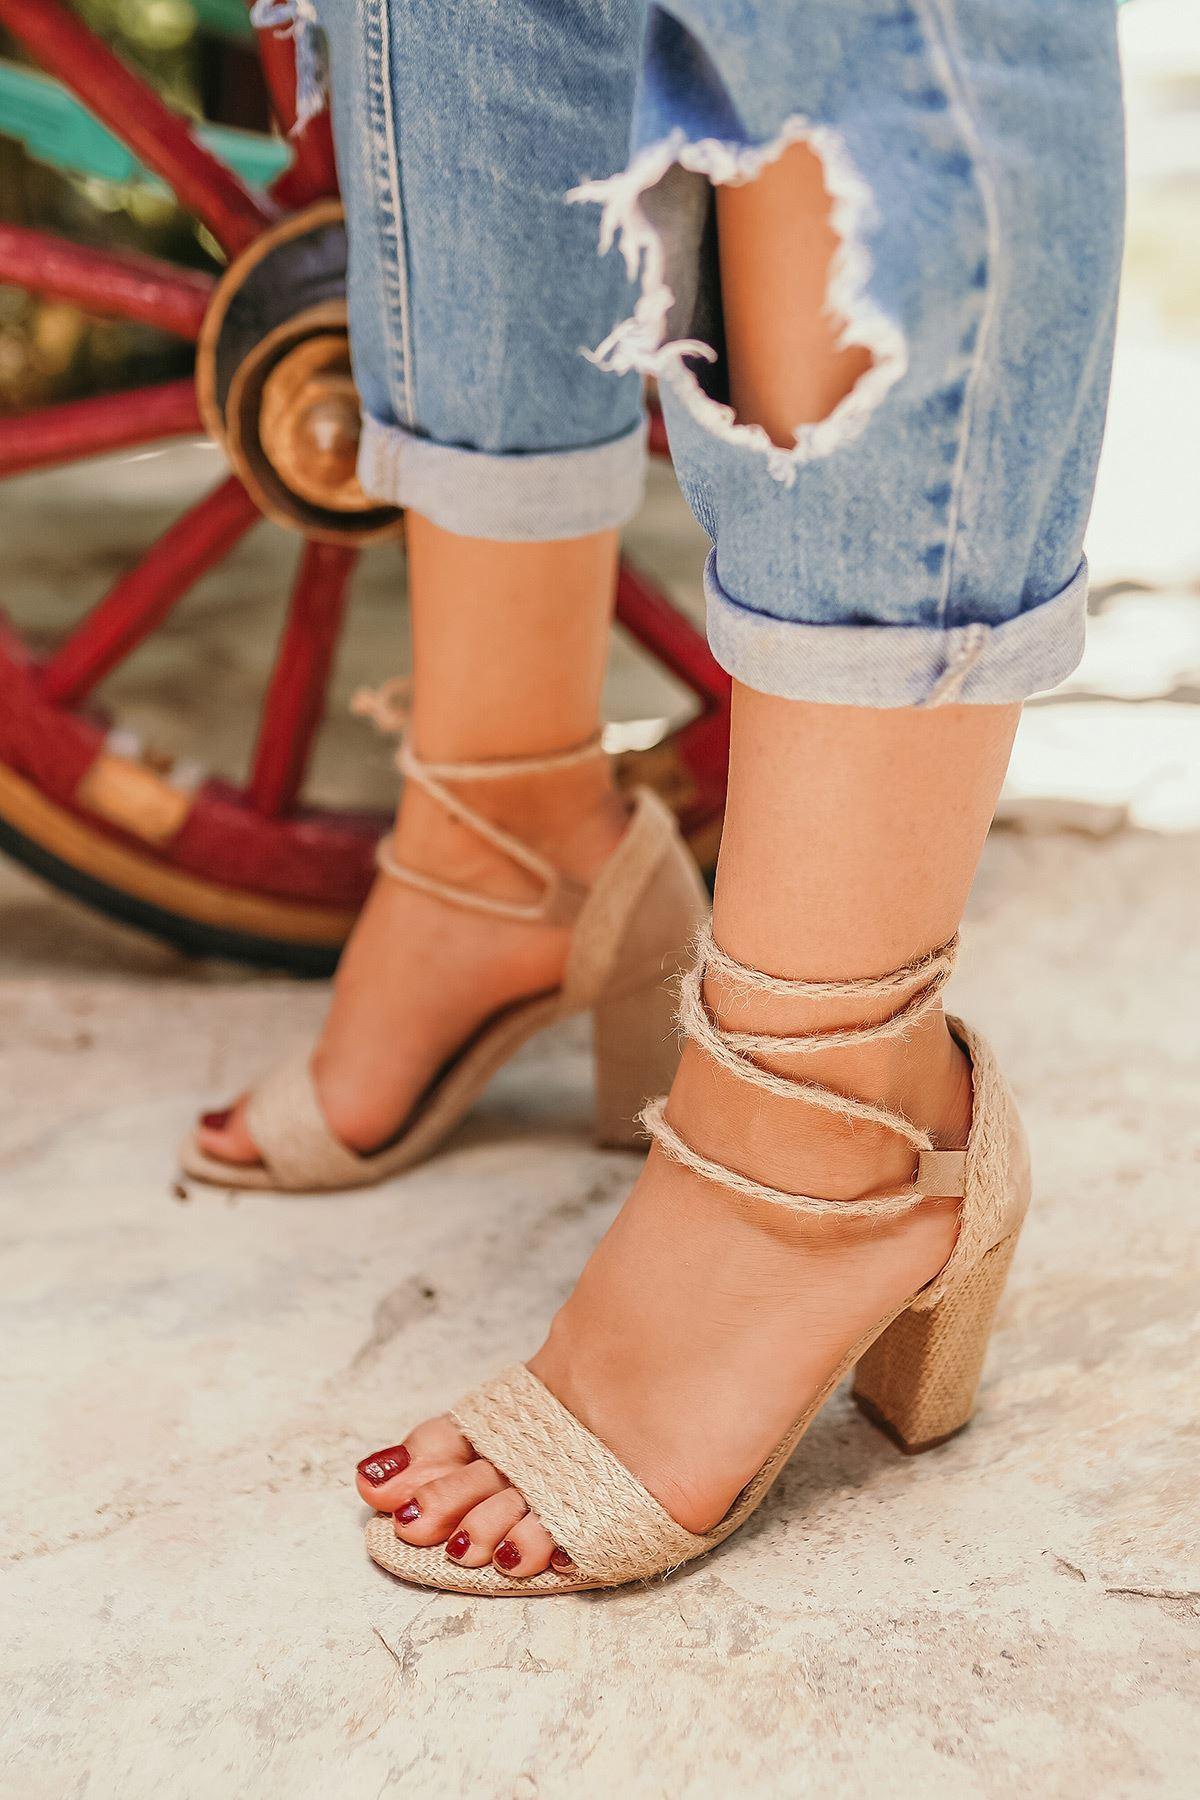 Emily Hasır Topuklu Kadın Ayakkabı